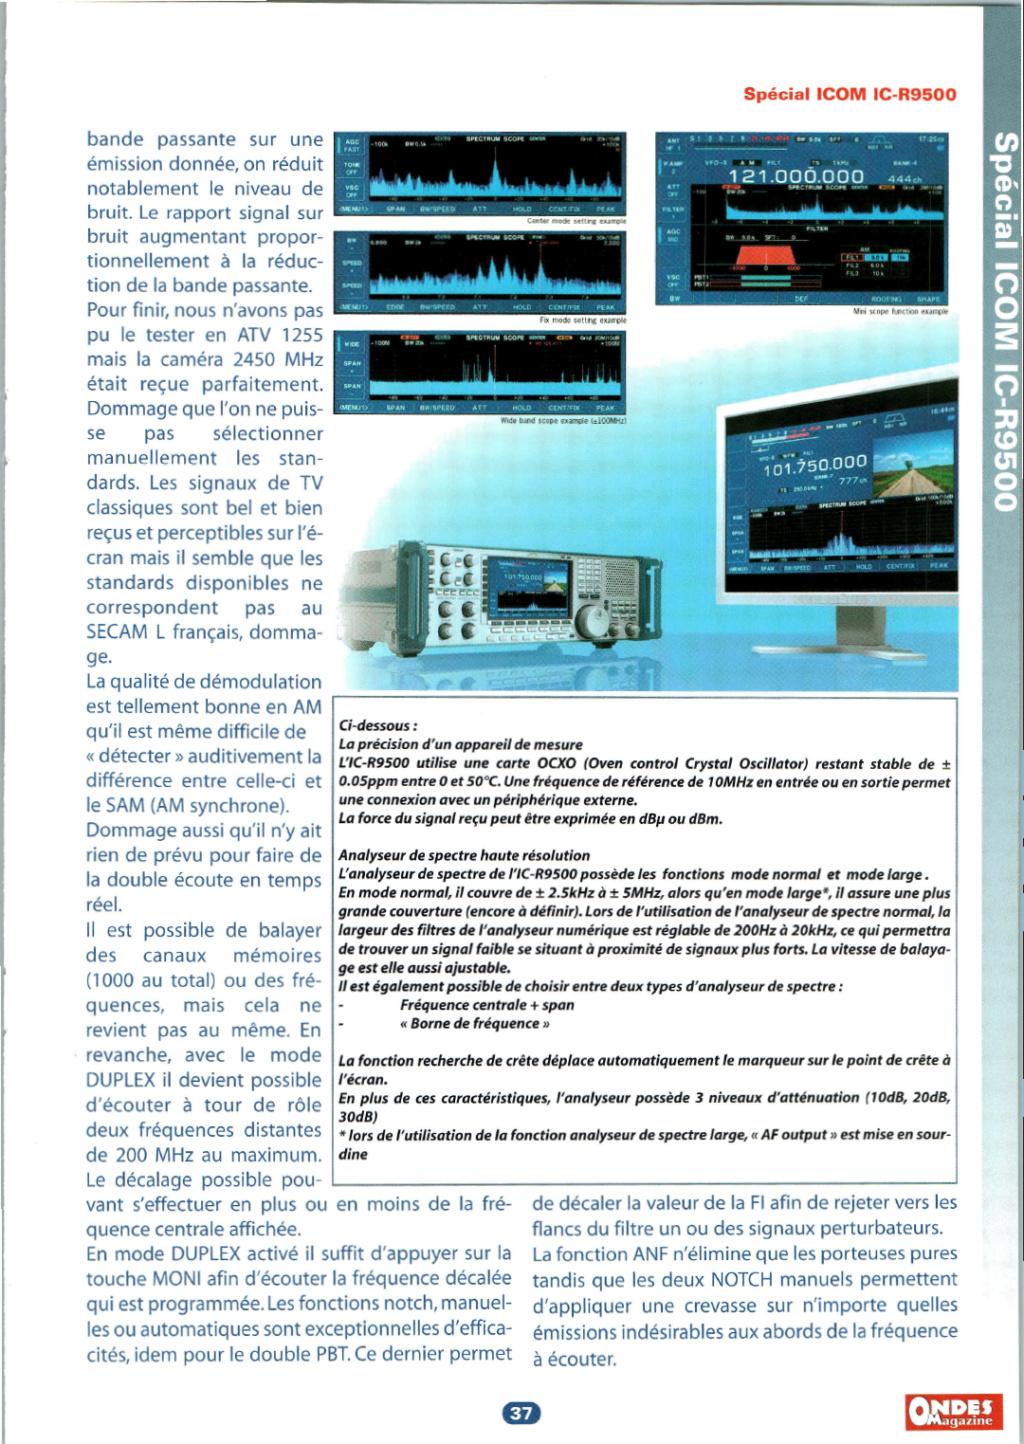 Icom IC-R9500-02 Captu156